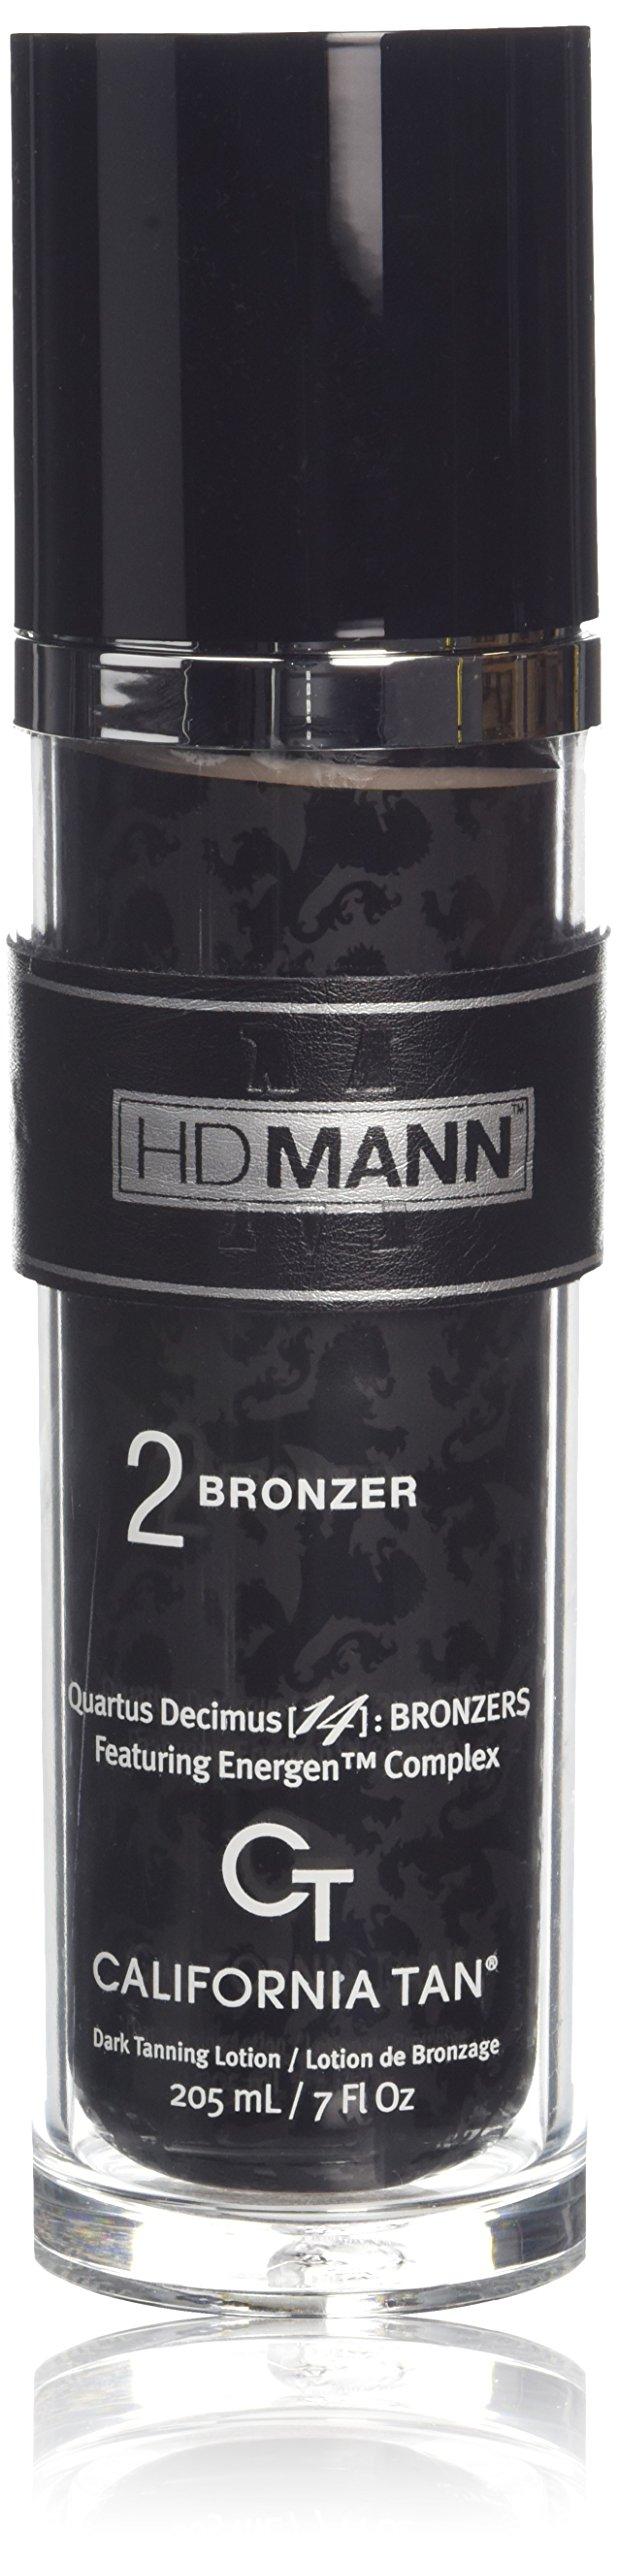 California Tan HD Mann, Step 2, Tanning Lotion 7 Ounce by California Tan